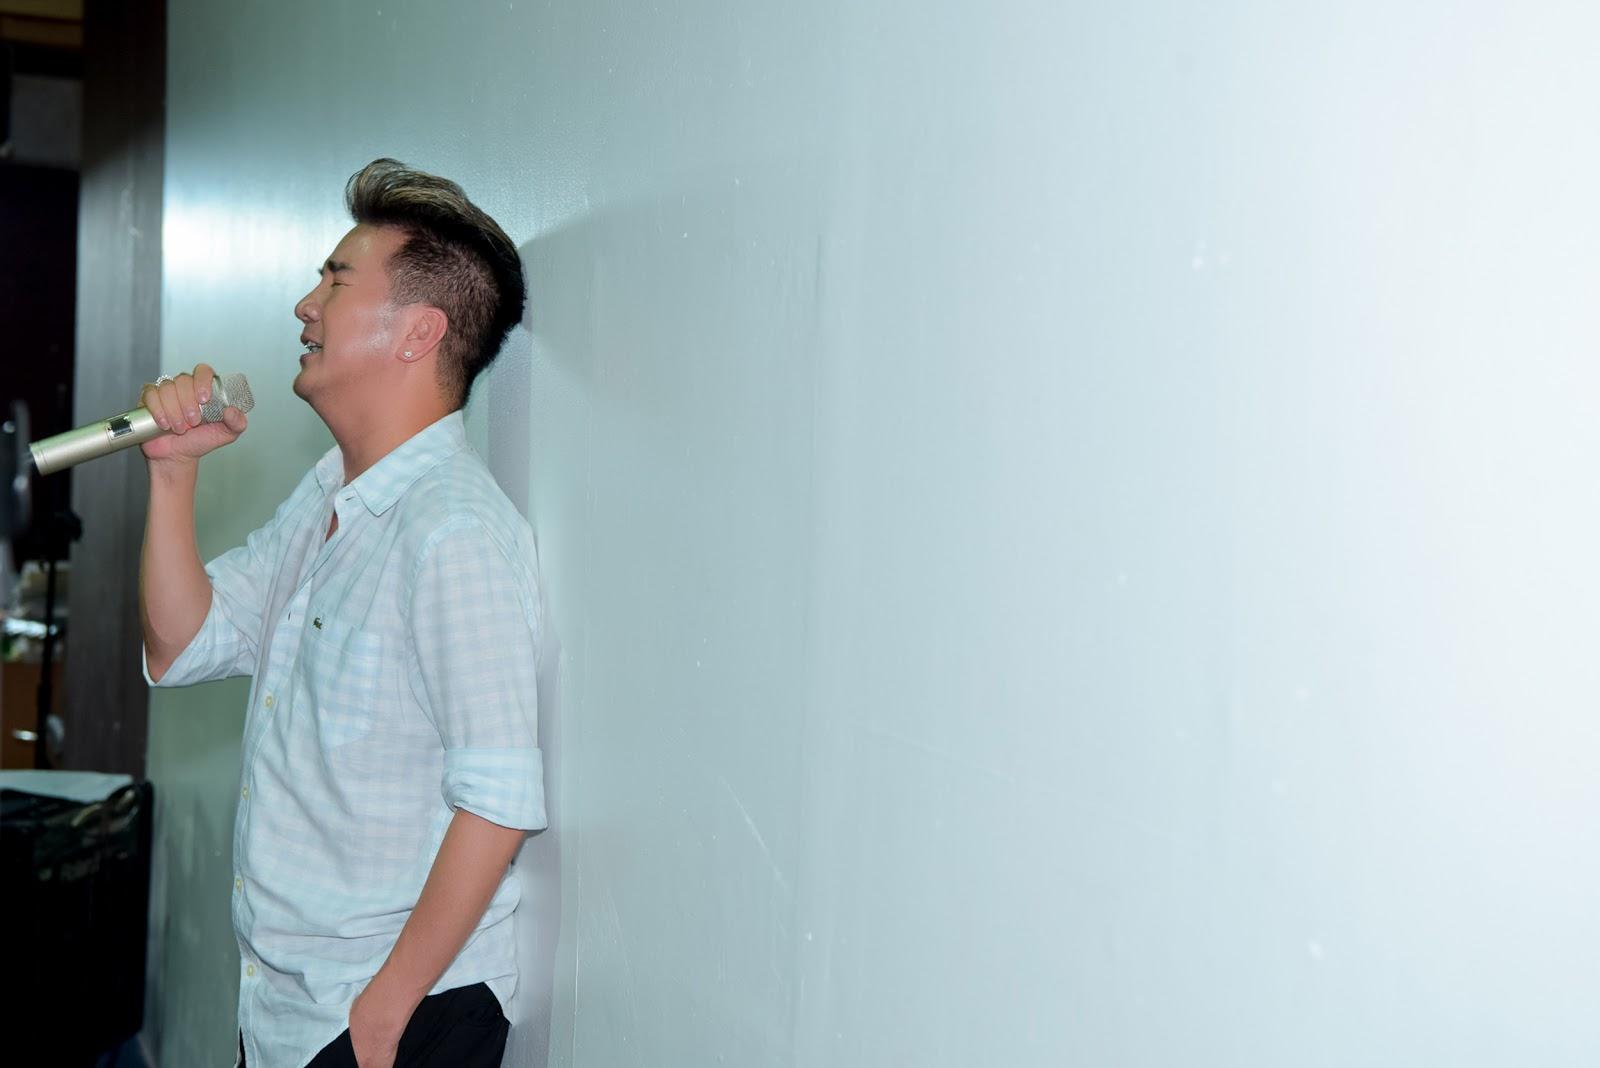 Mr. Đàm 'nhắng nhít' tập hát trong những khoảnh khắc tập hát sau hậu trường - Hình 5